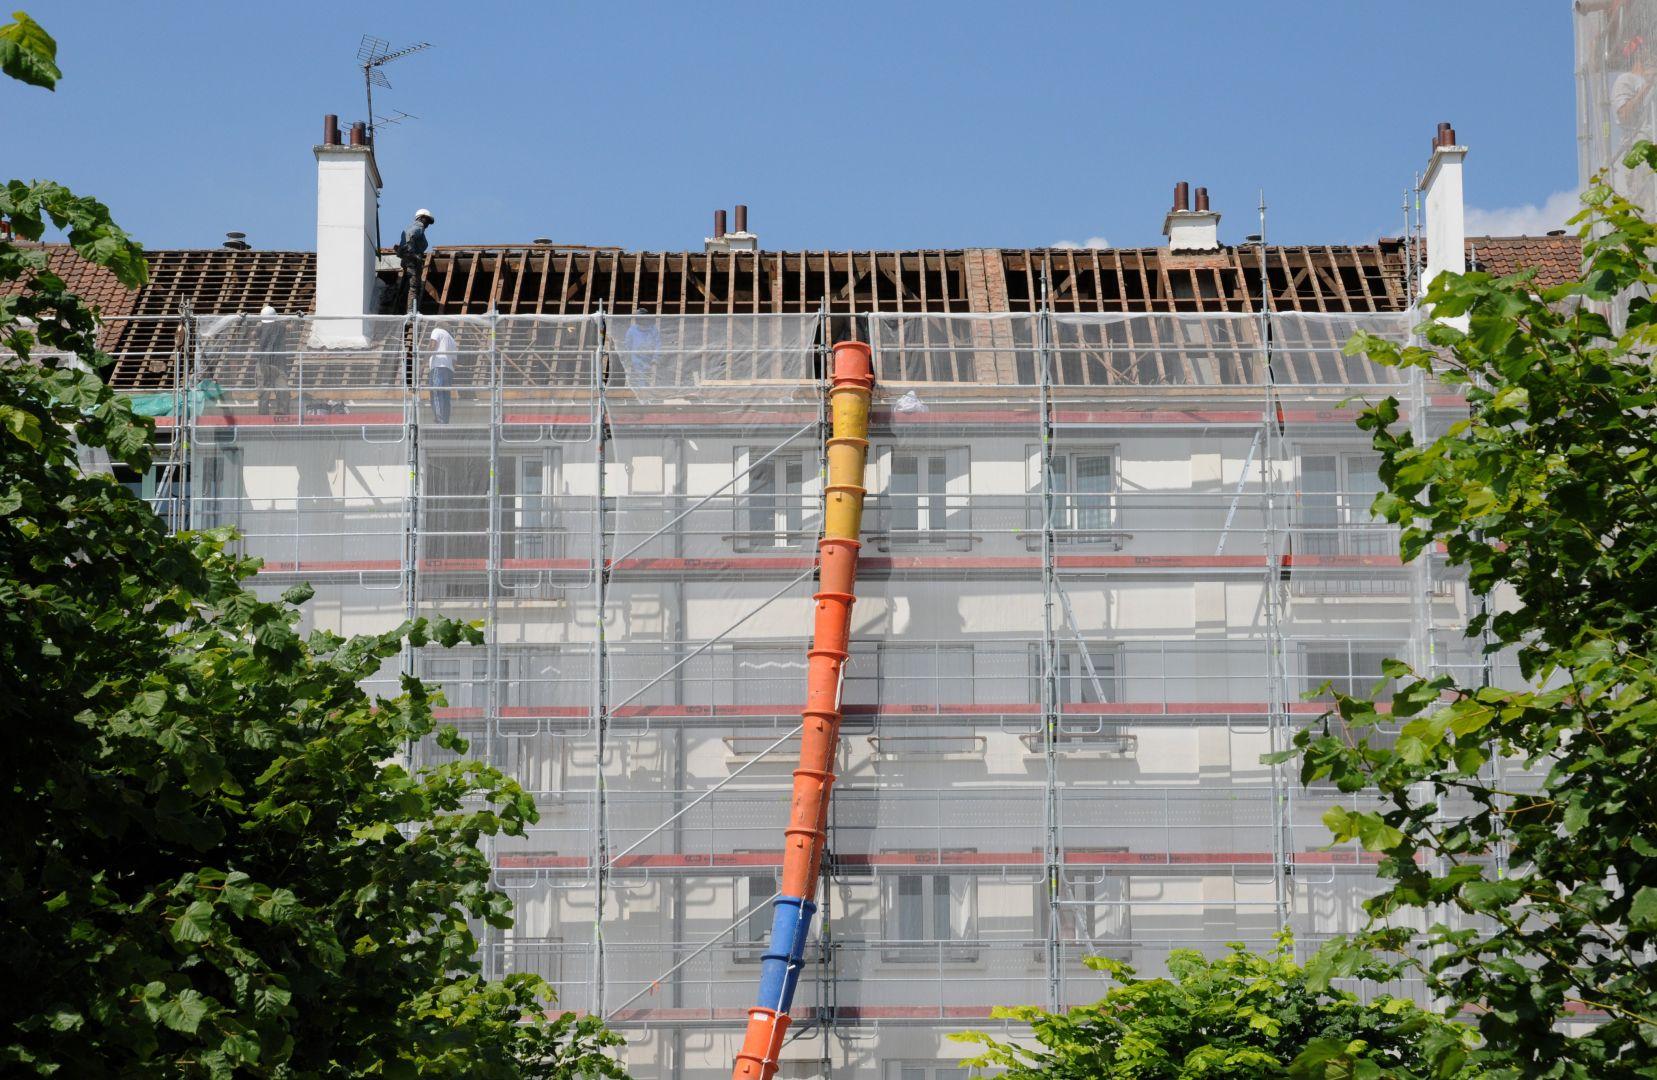 Le Gouvernement s'engage pour le logement : rénovation, construction et hébergement sont trois axes majeurs du plan de relance